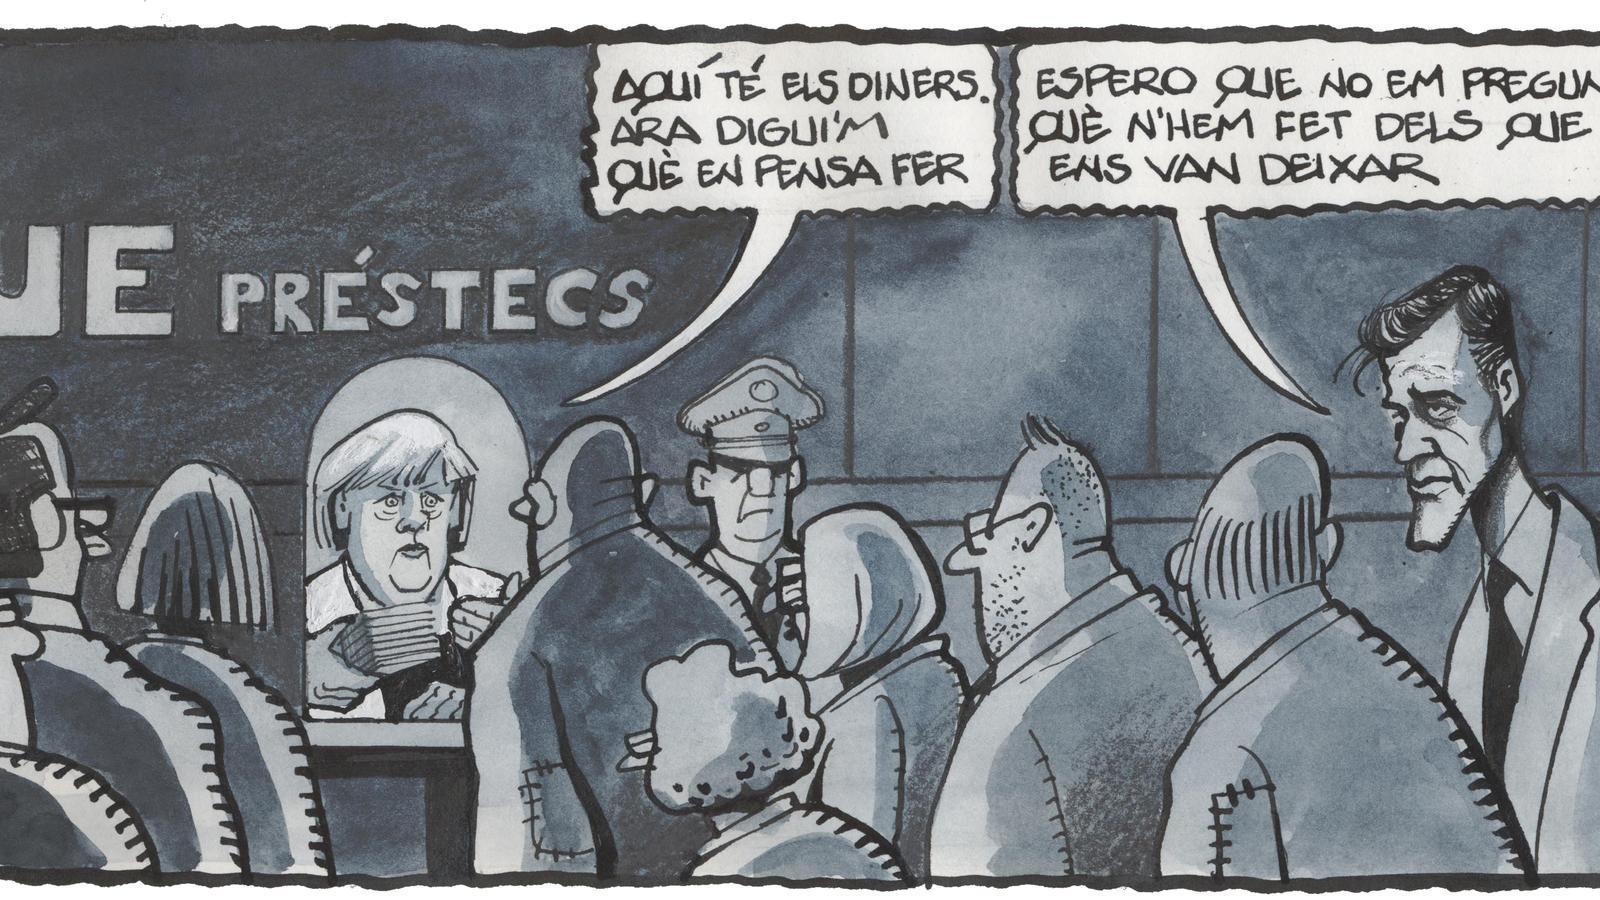 'A la contra', per Ferreres 30/05/2020